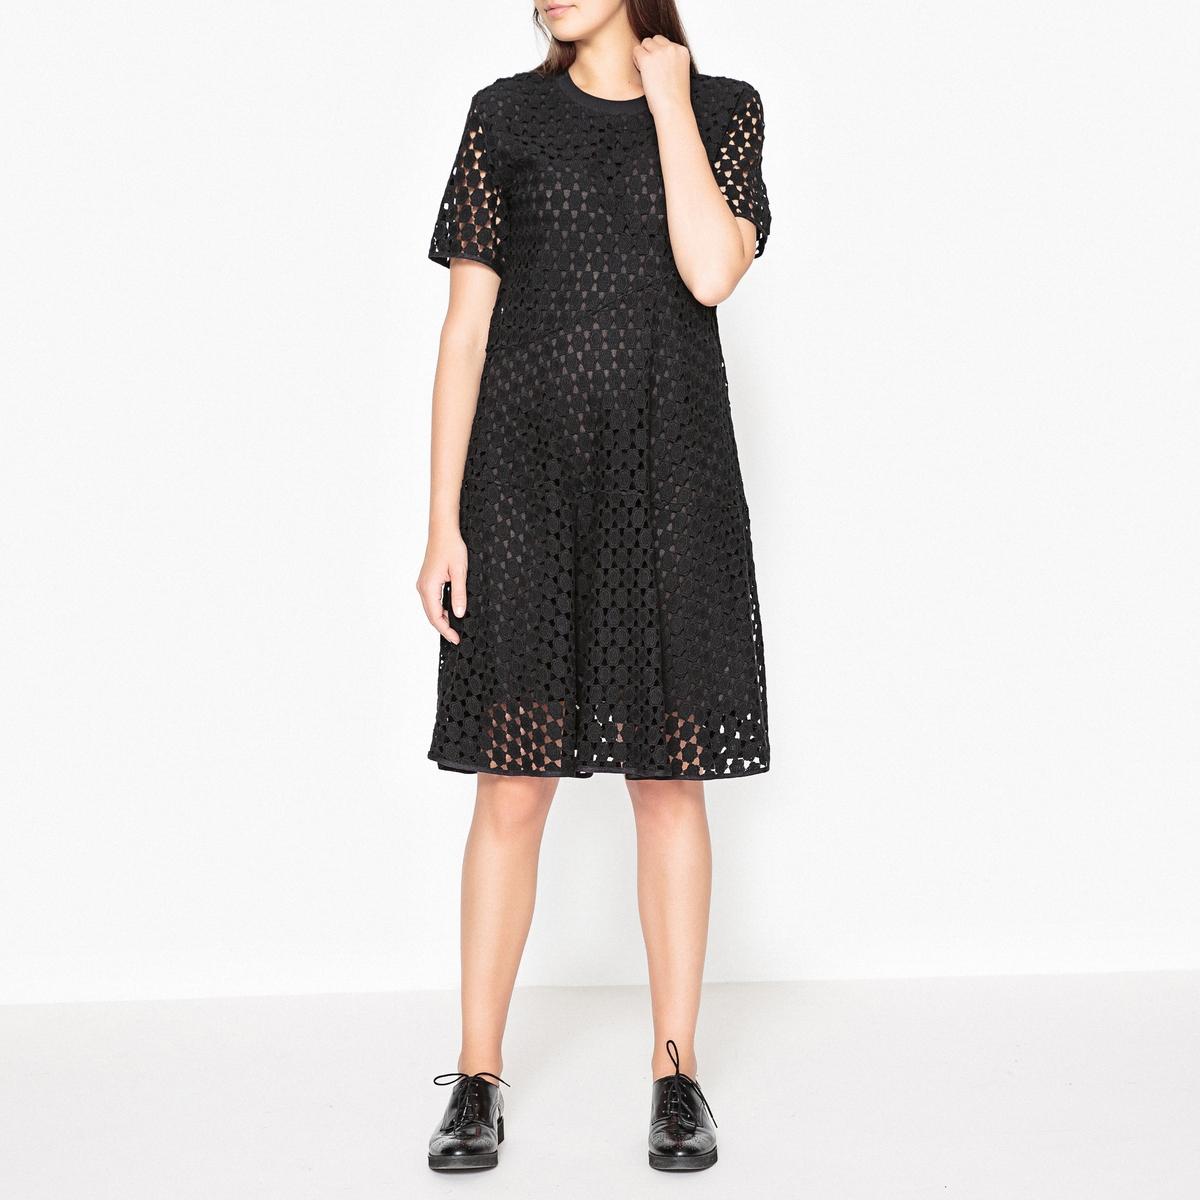 Платье LaRedoute С гипюром BELAFIORE 40 (FR) - 46 (RUS) черный платье laredoute из кружева oilway 40 fr 46 rus черный